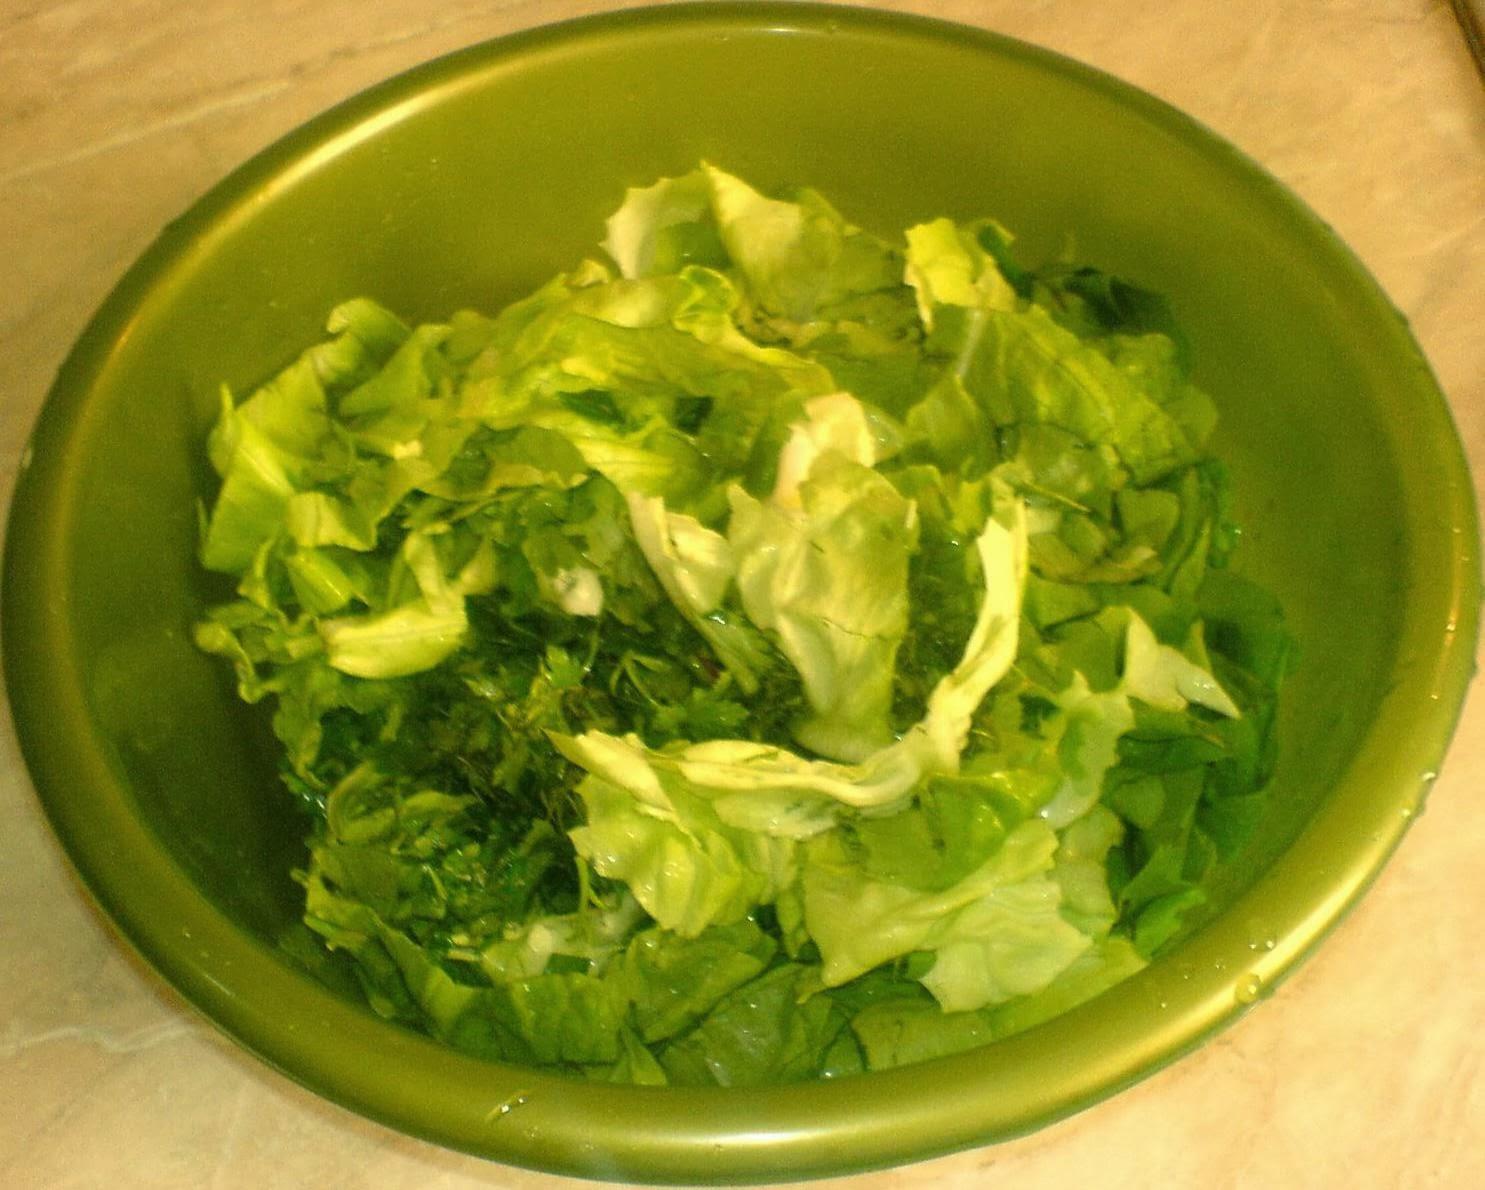 ajutor vreau sa slabesc, salata, reteta salata, cura de slabire, retete de slabit, diete de slabit, retete culinare, retete salata